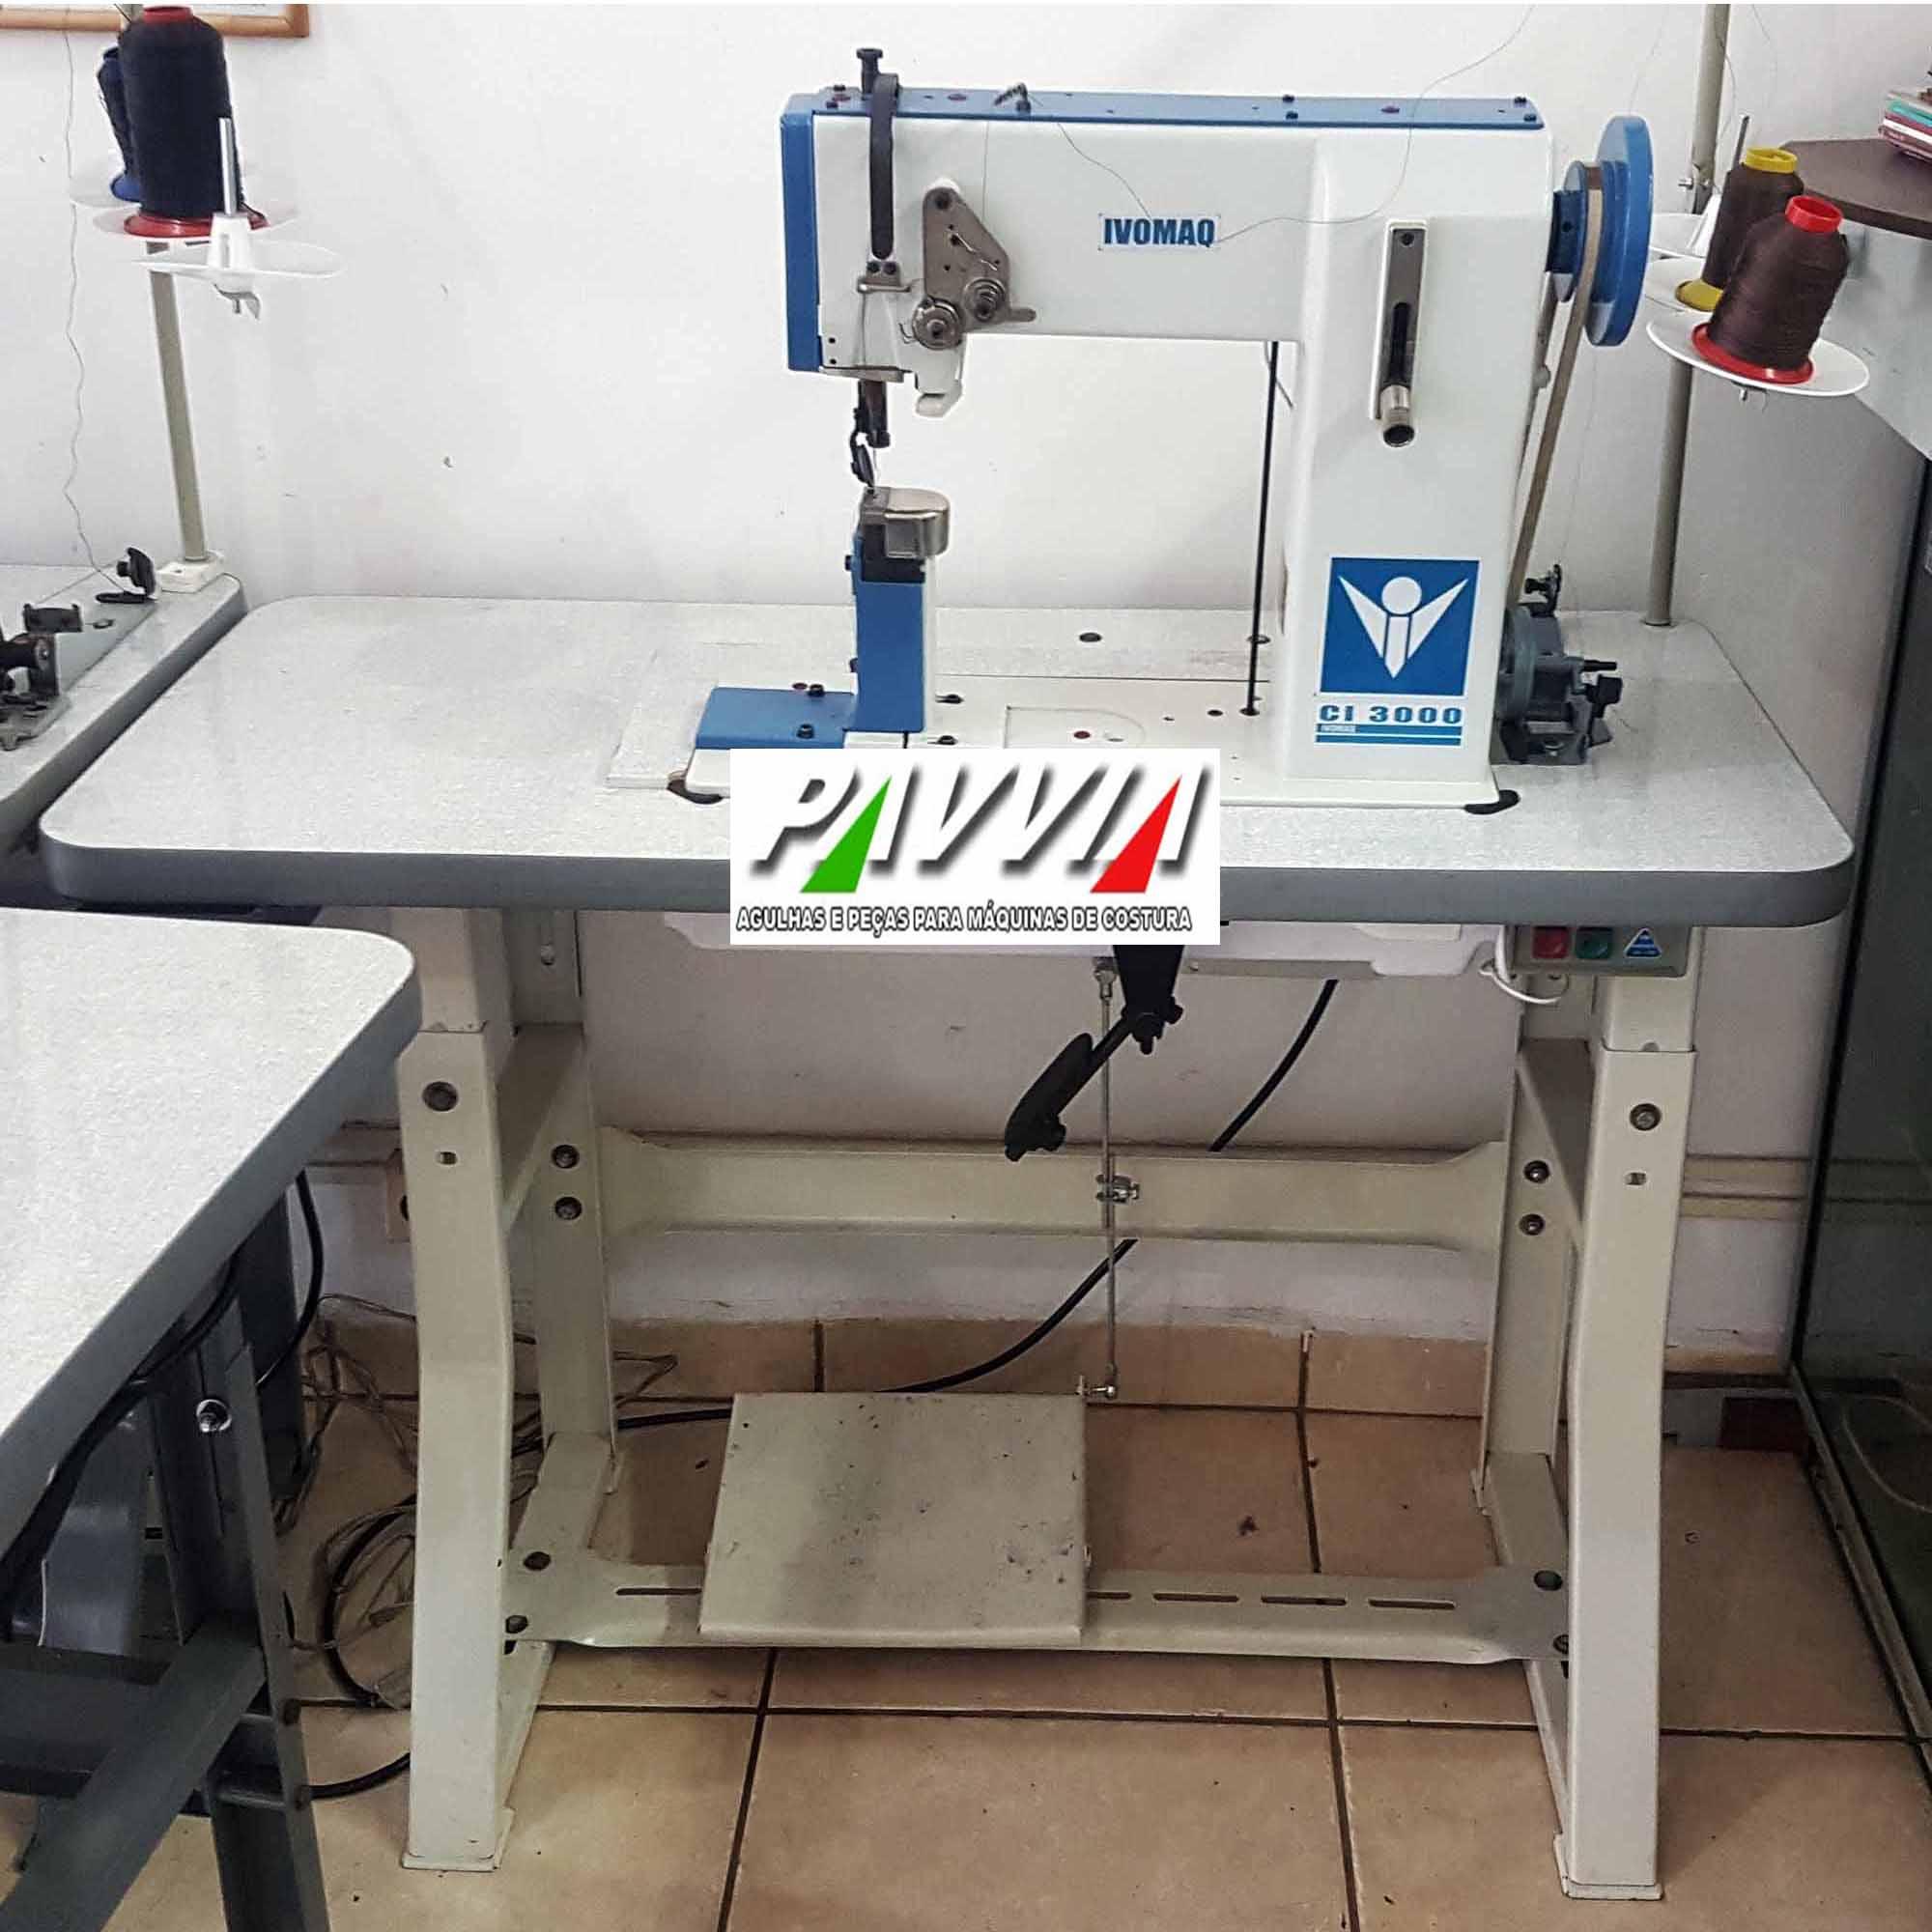 Máquina de costura de coluna IVOMAQ CI 3000  4DI 1 Agulha transporte duplo   - Pavvia Agulhas e Peças